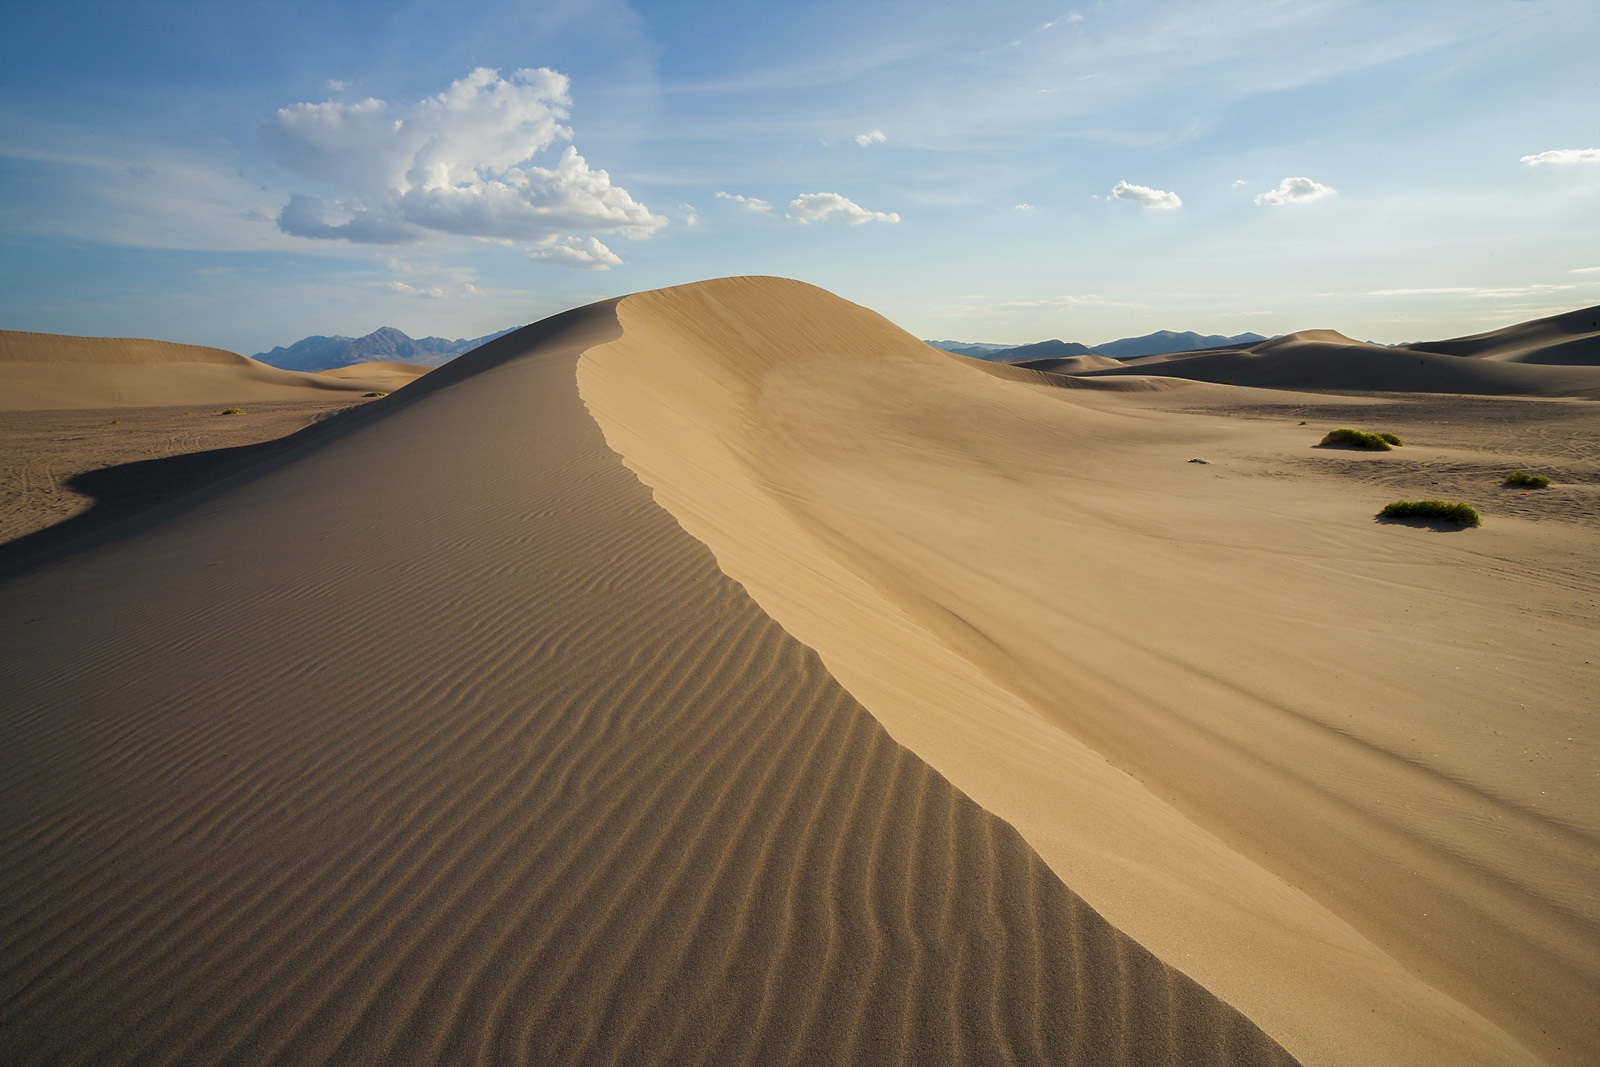 Nevada Scenic Landscape Q4G9473 v2 Big Dune Vcnty Amargosa Valley